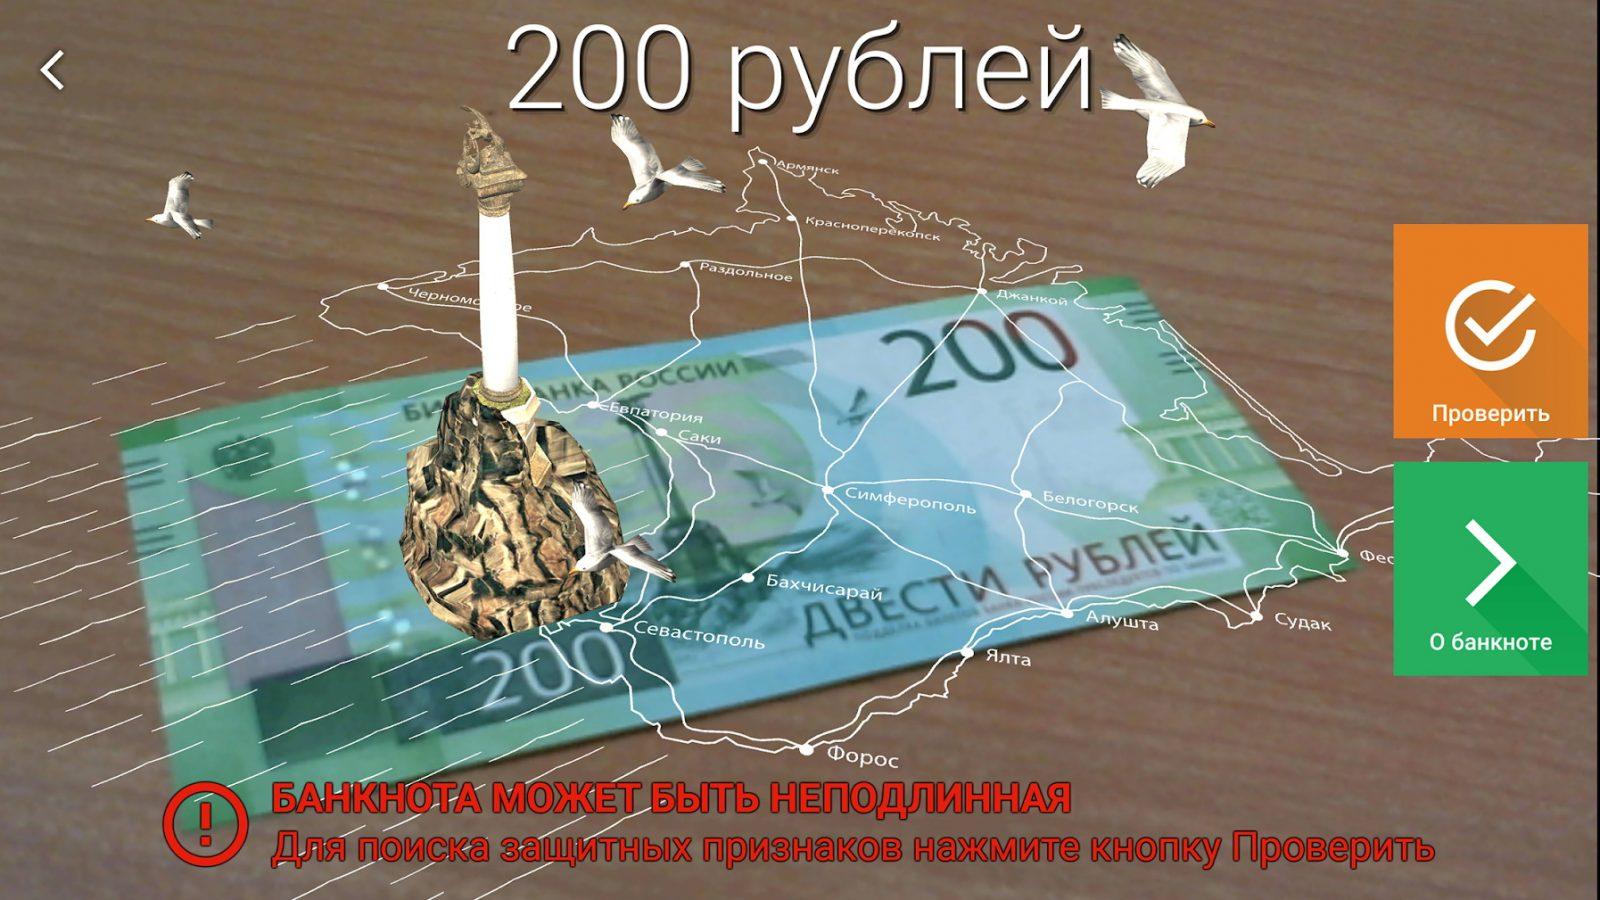 приложение для проверки 200 и 2000 рублей